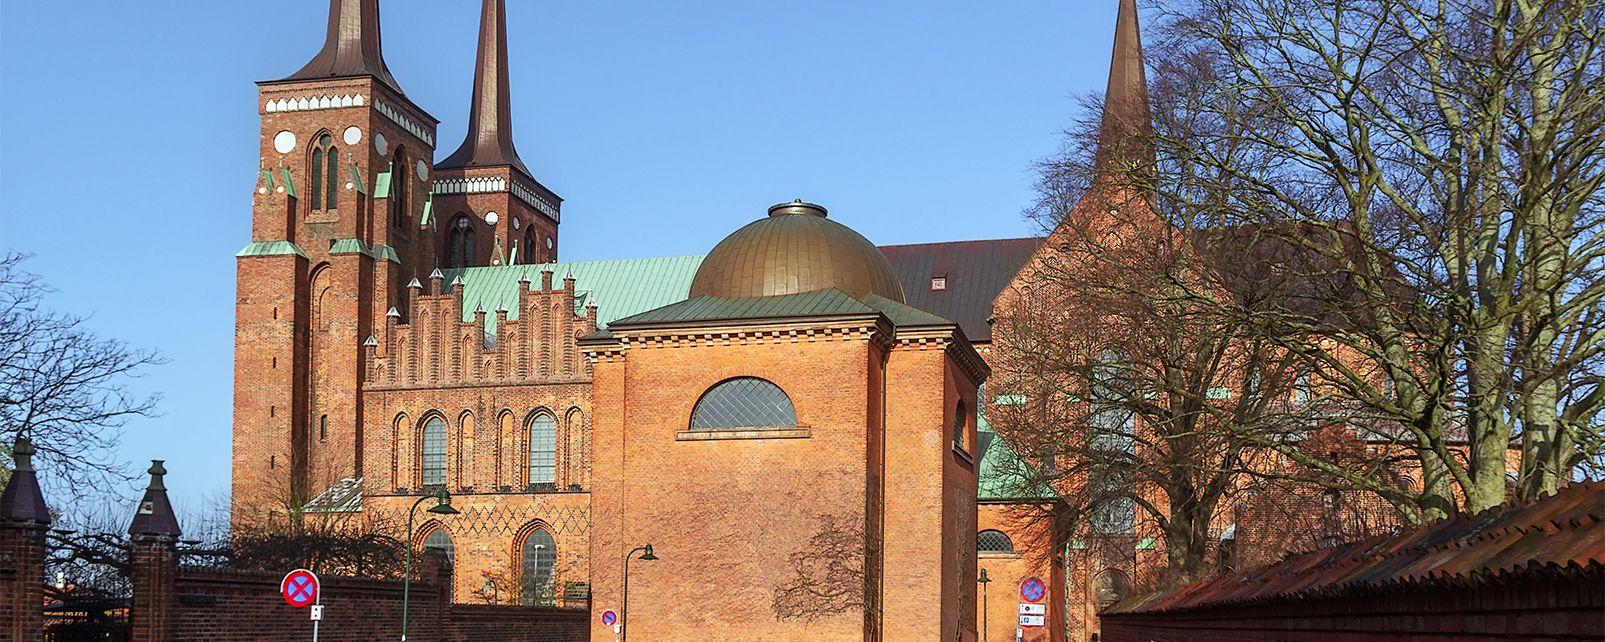 La cathédrale de Roskilde , Danemark